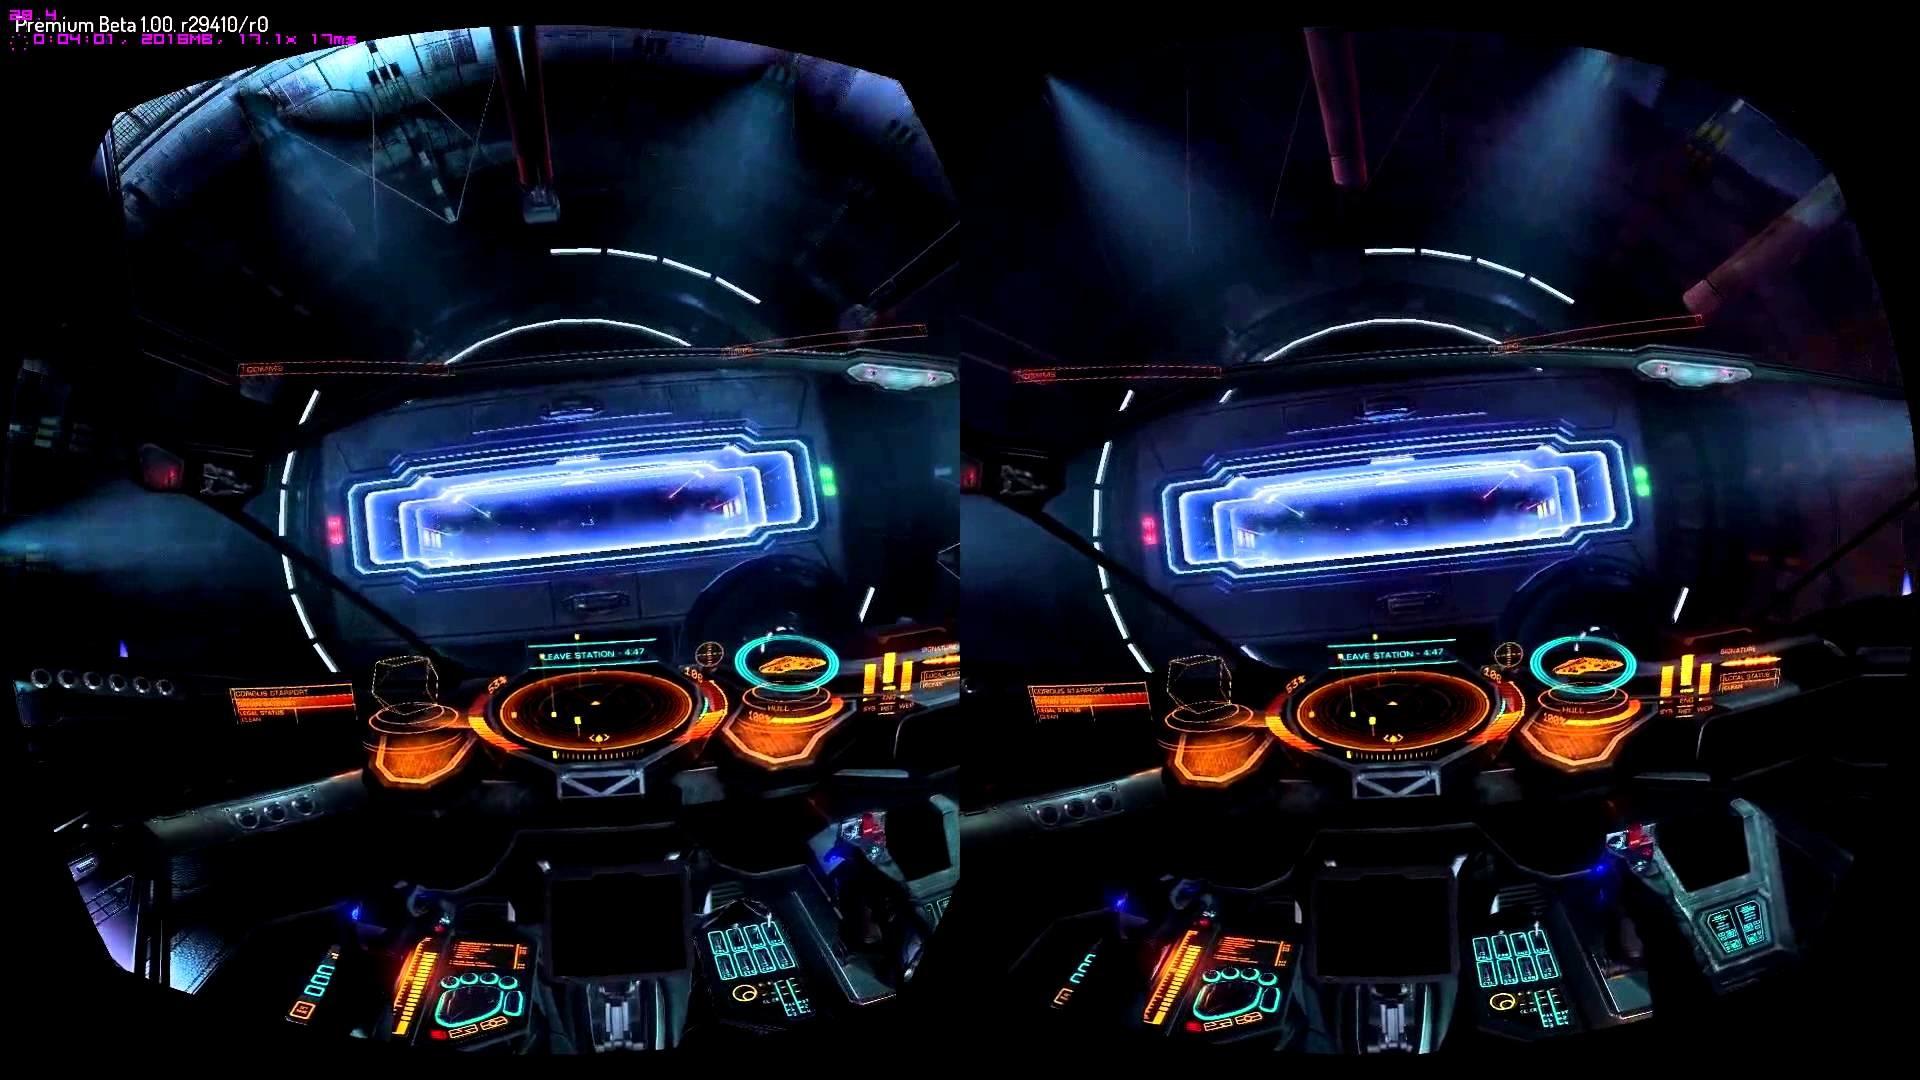 Elite Dangerous: FPS (Frame Rate) Test – Oculus Rift – 1080p GTX 780